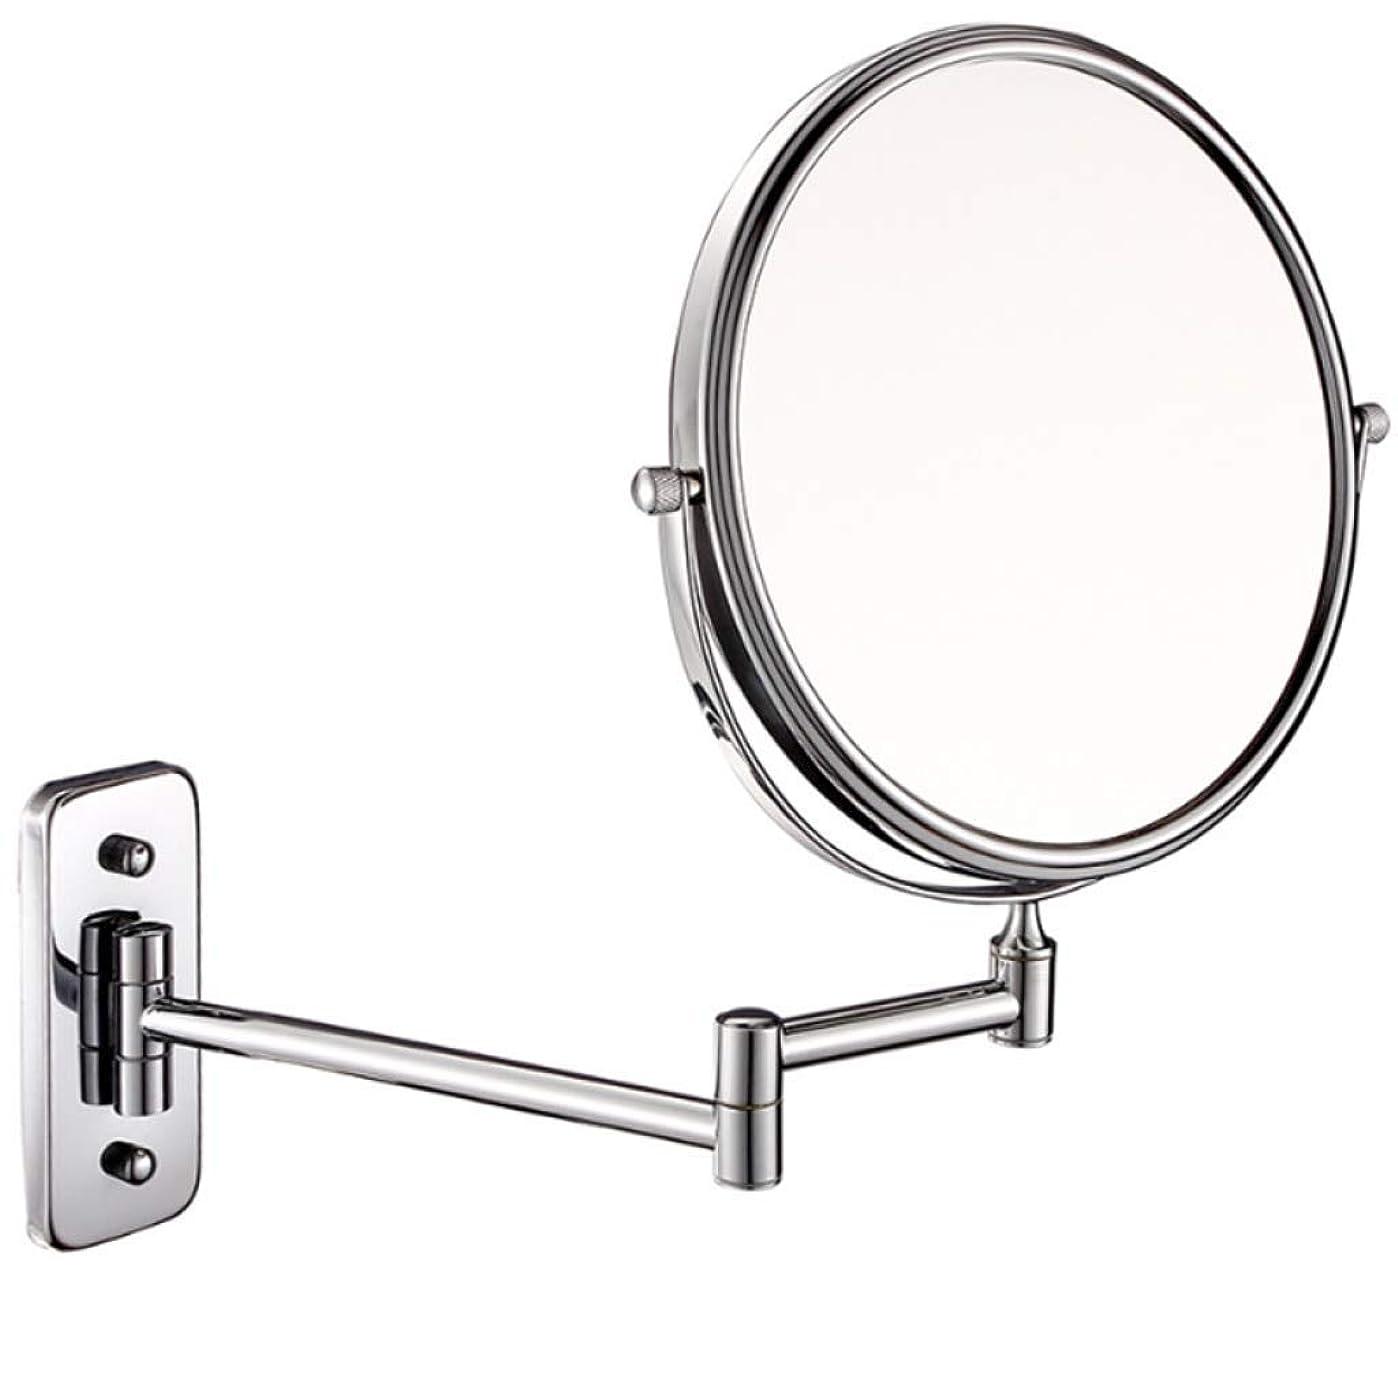 世紀抗生物質ピストルALYR 両面 化粧鏡、壁掛け式 化粧鏡 3 ズームイン 化粧鏡 スケーラブル 360°回転 バスルームミラー ベッドルームまたはバスルームで剃る,Silver